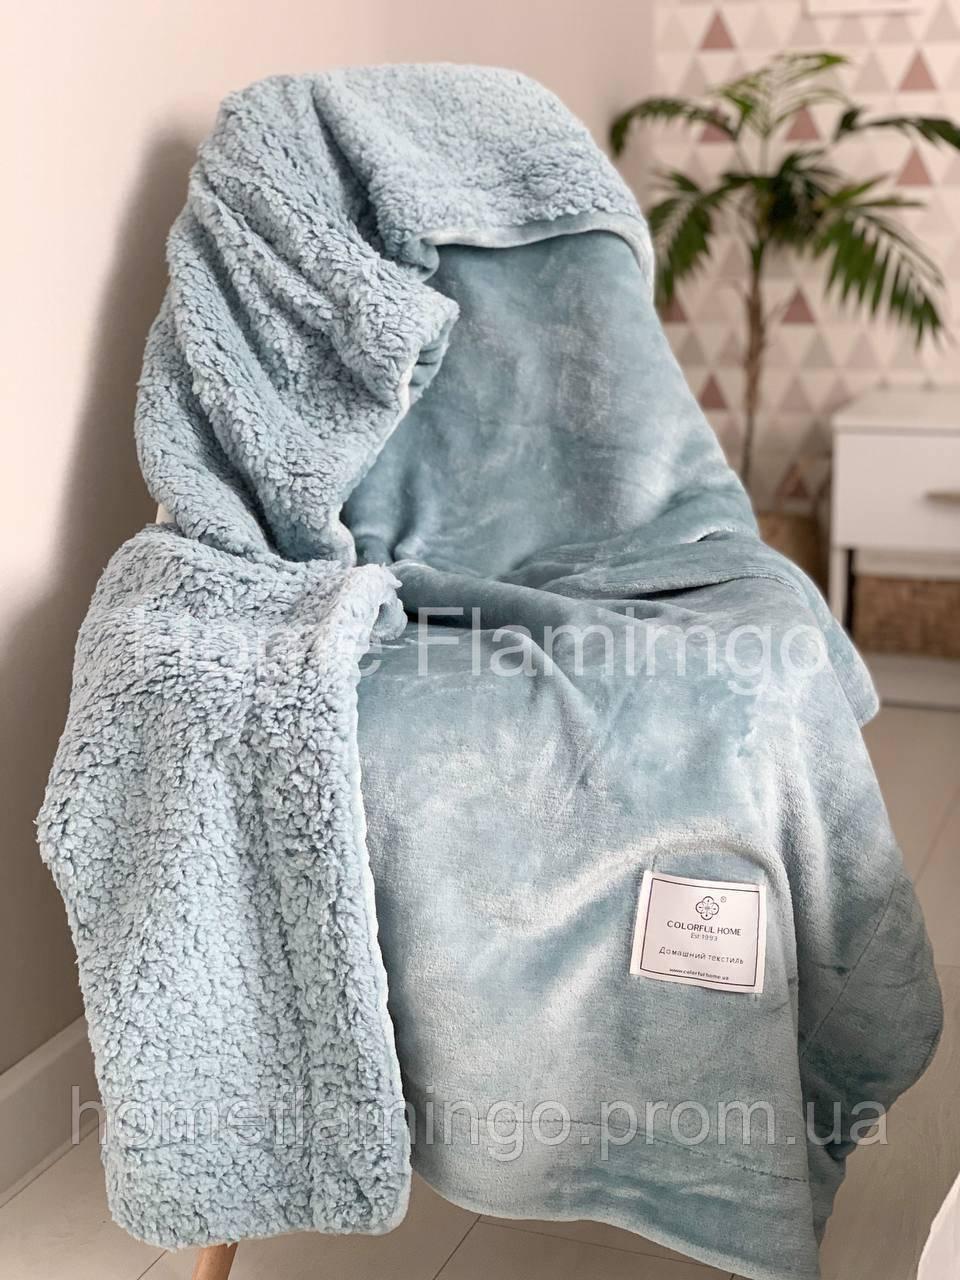 Плед детский двухсторонний теплый с овчины и гладкой микрофибры, цвет голуьой Blue CFH 100х130 см